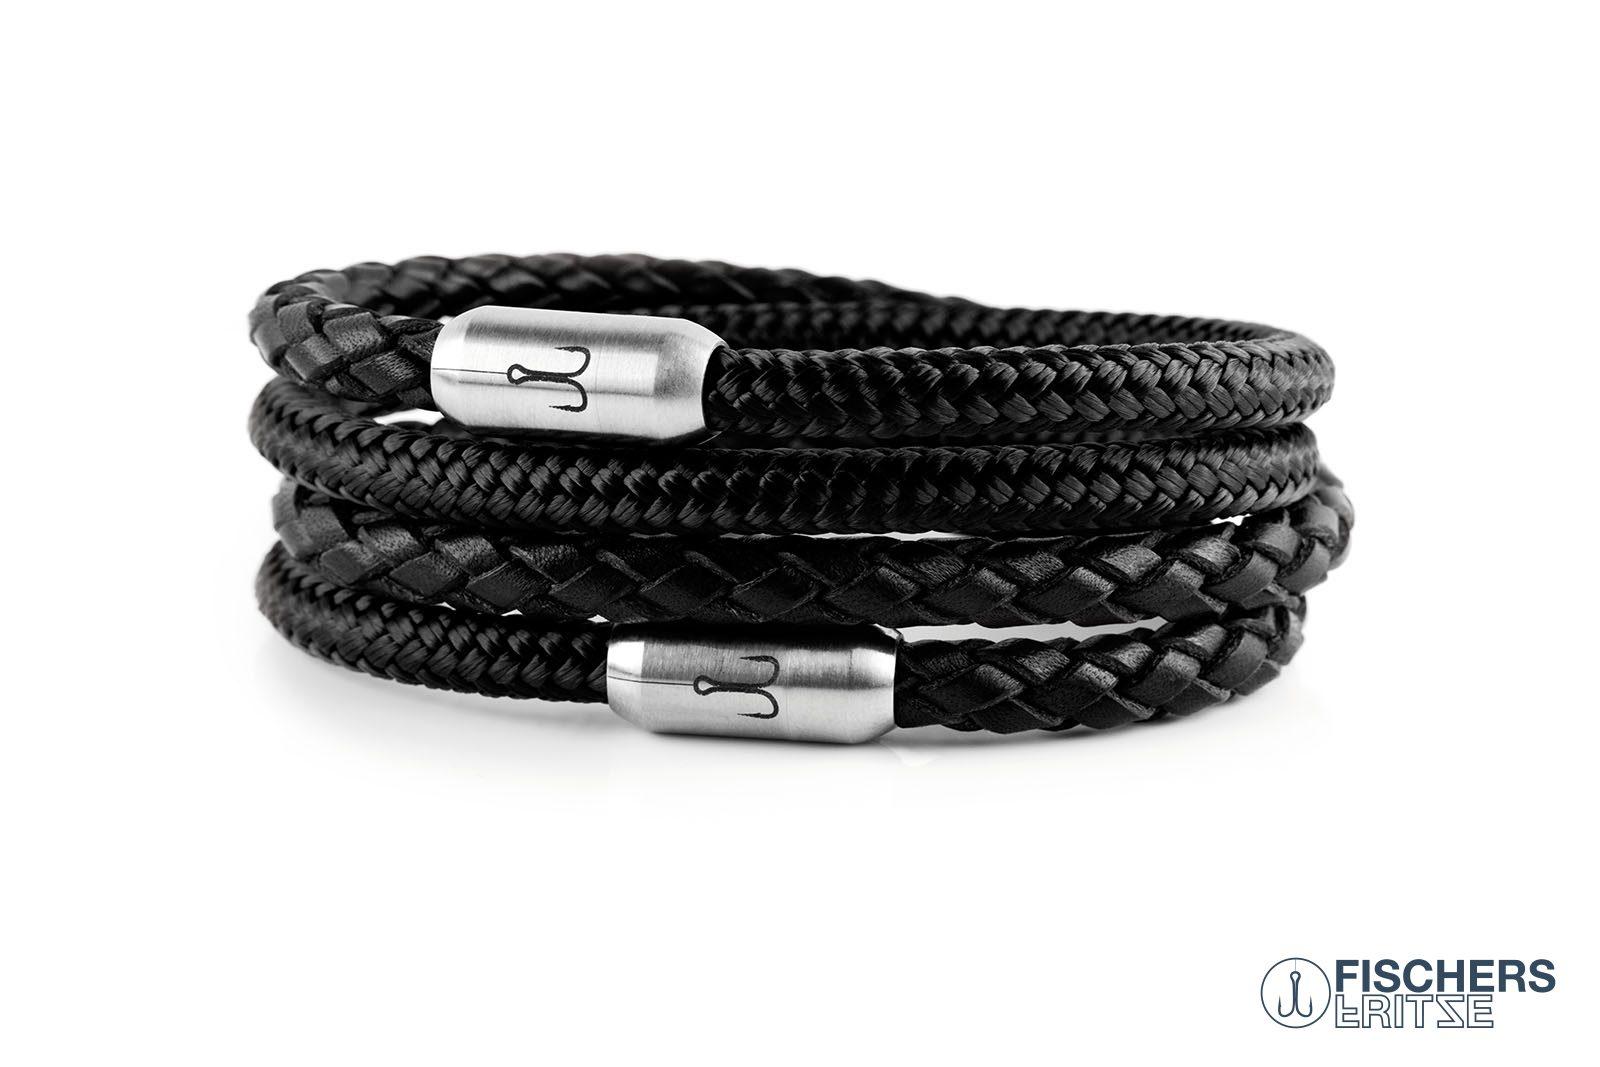 Wickelarmband Kombination Leder schwarz geflochten und Segeltau schwarz mit Fischers Fritze Gravur